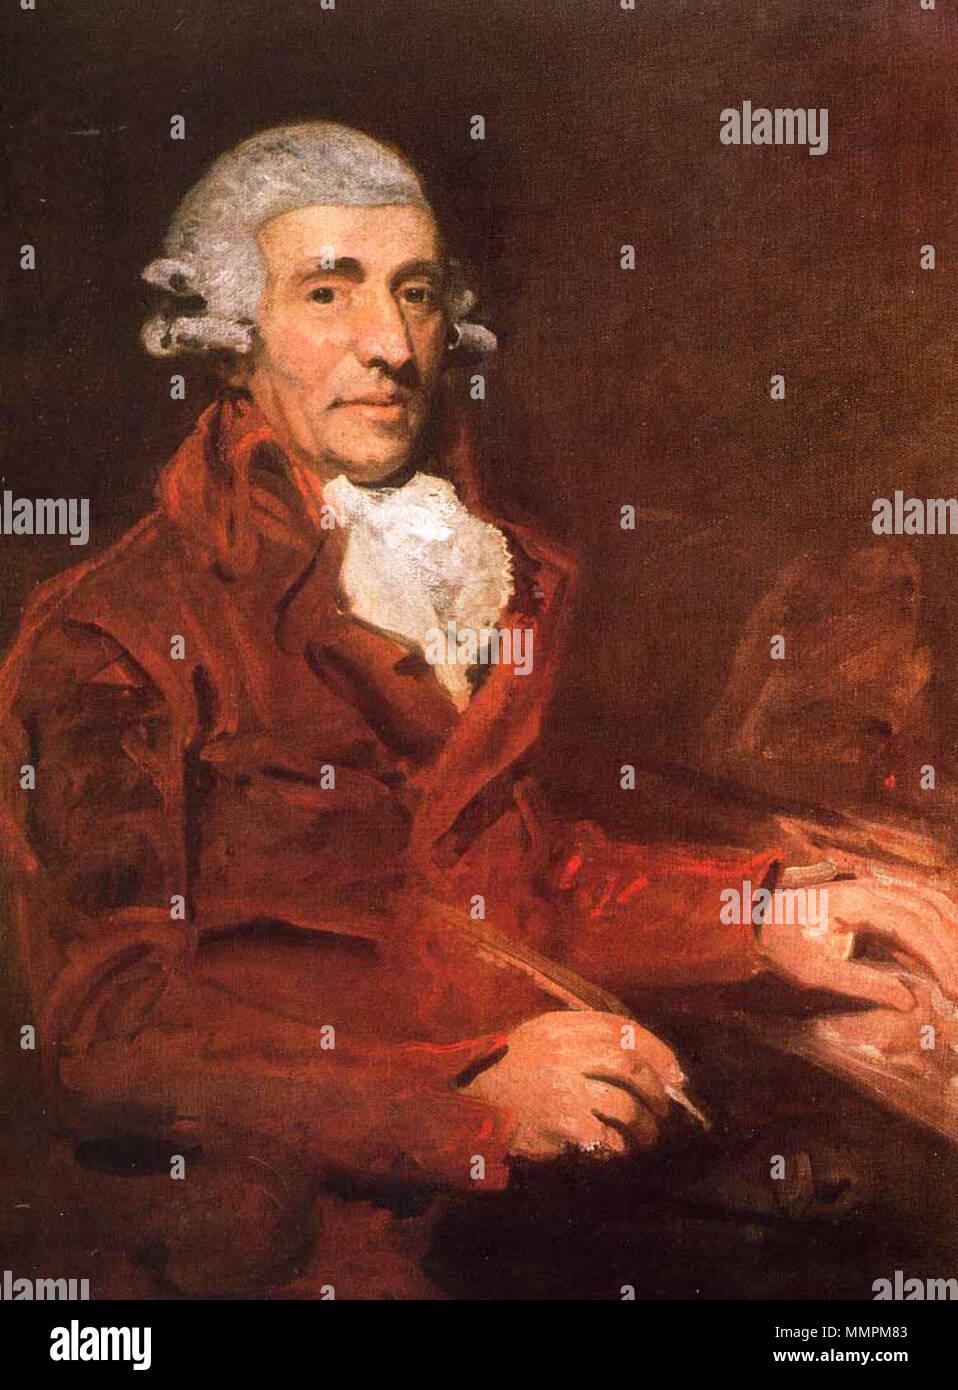 Portrait of Franz Joseph Haydn (1732-1809). February 1791. Franz Joseph  Haydn 1732-1809 by John Hoppner 1791